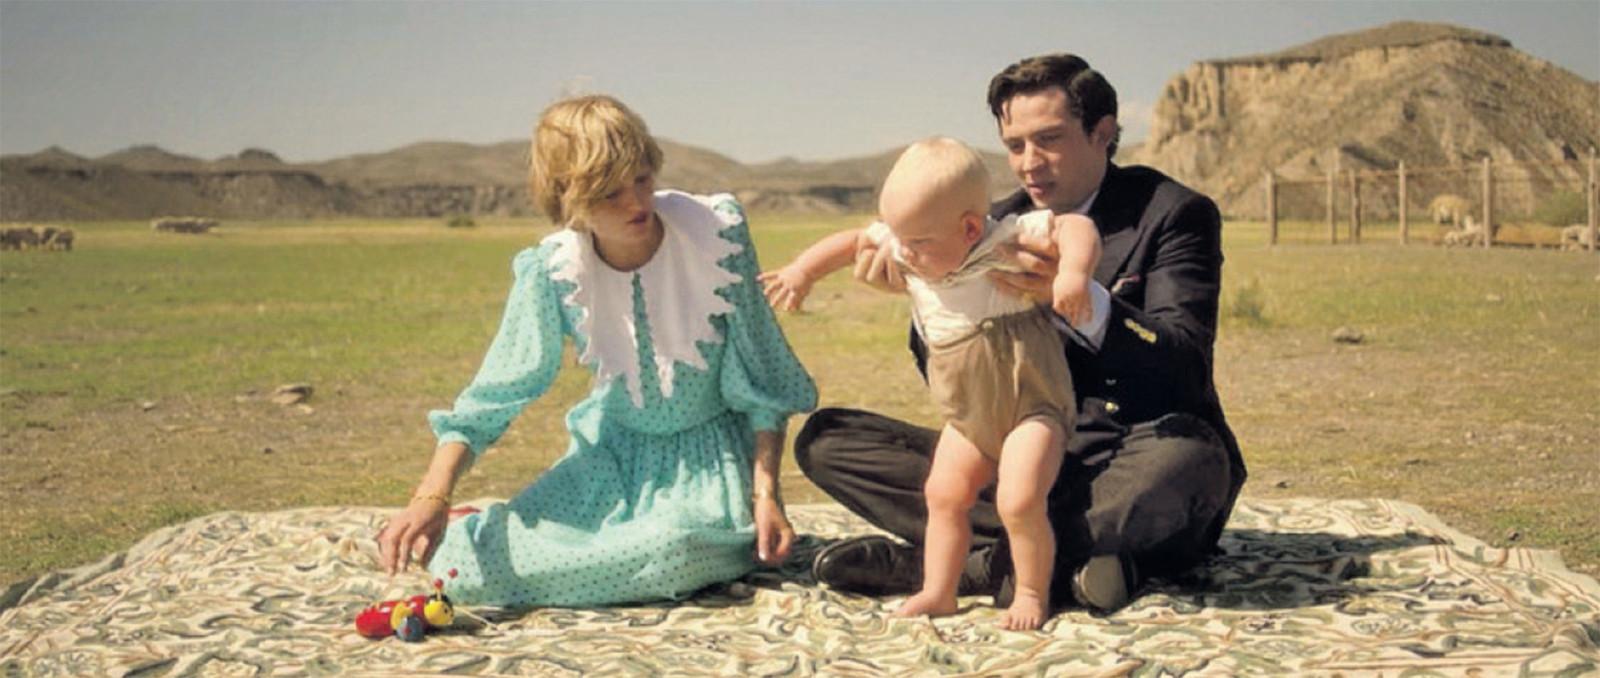 Charles en Diana in het echt (foto onder) en in de Netflix-reeks (boven), gespeeld door Josh O'Connor en Emma Corrin.